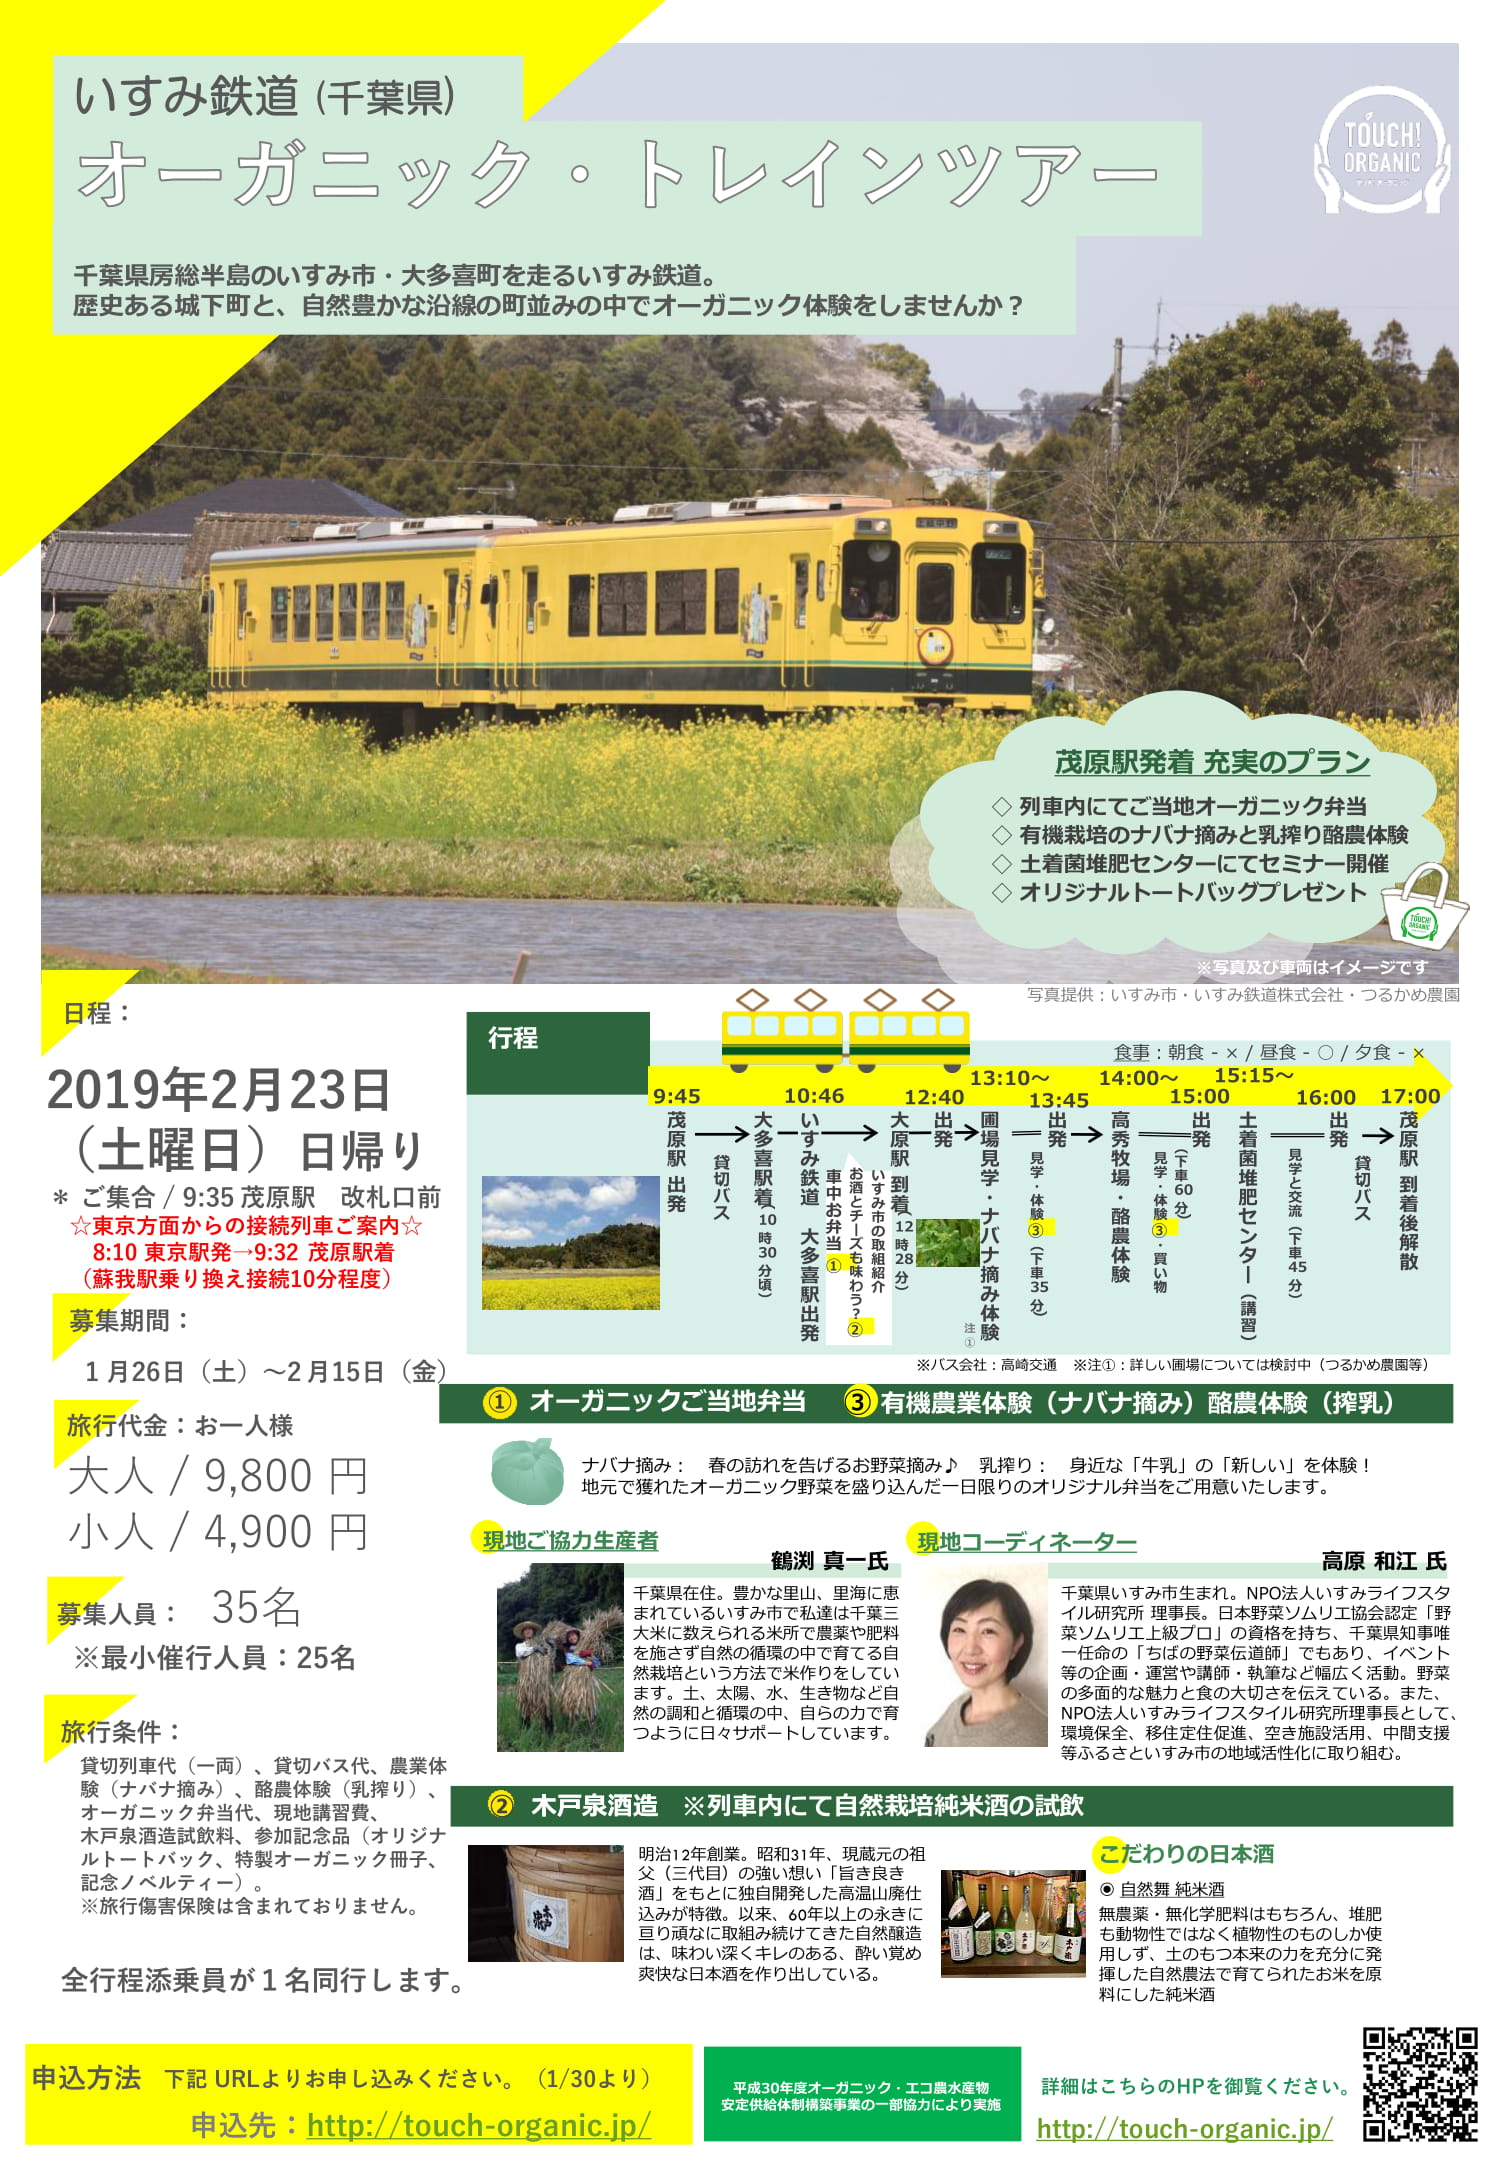 いすみ鉄道オーガニックトレインツアー